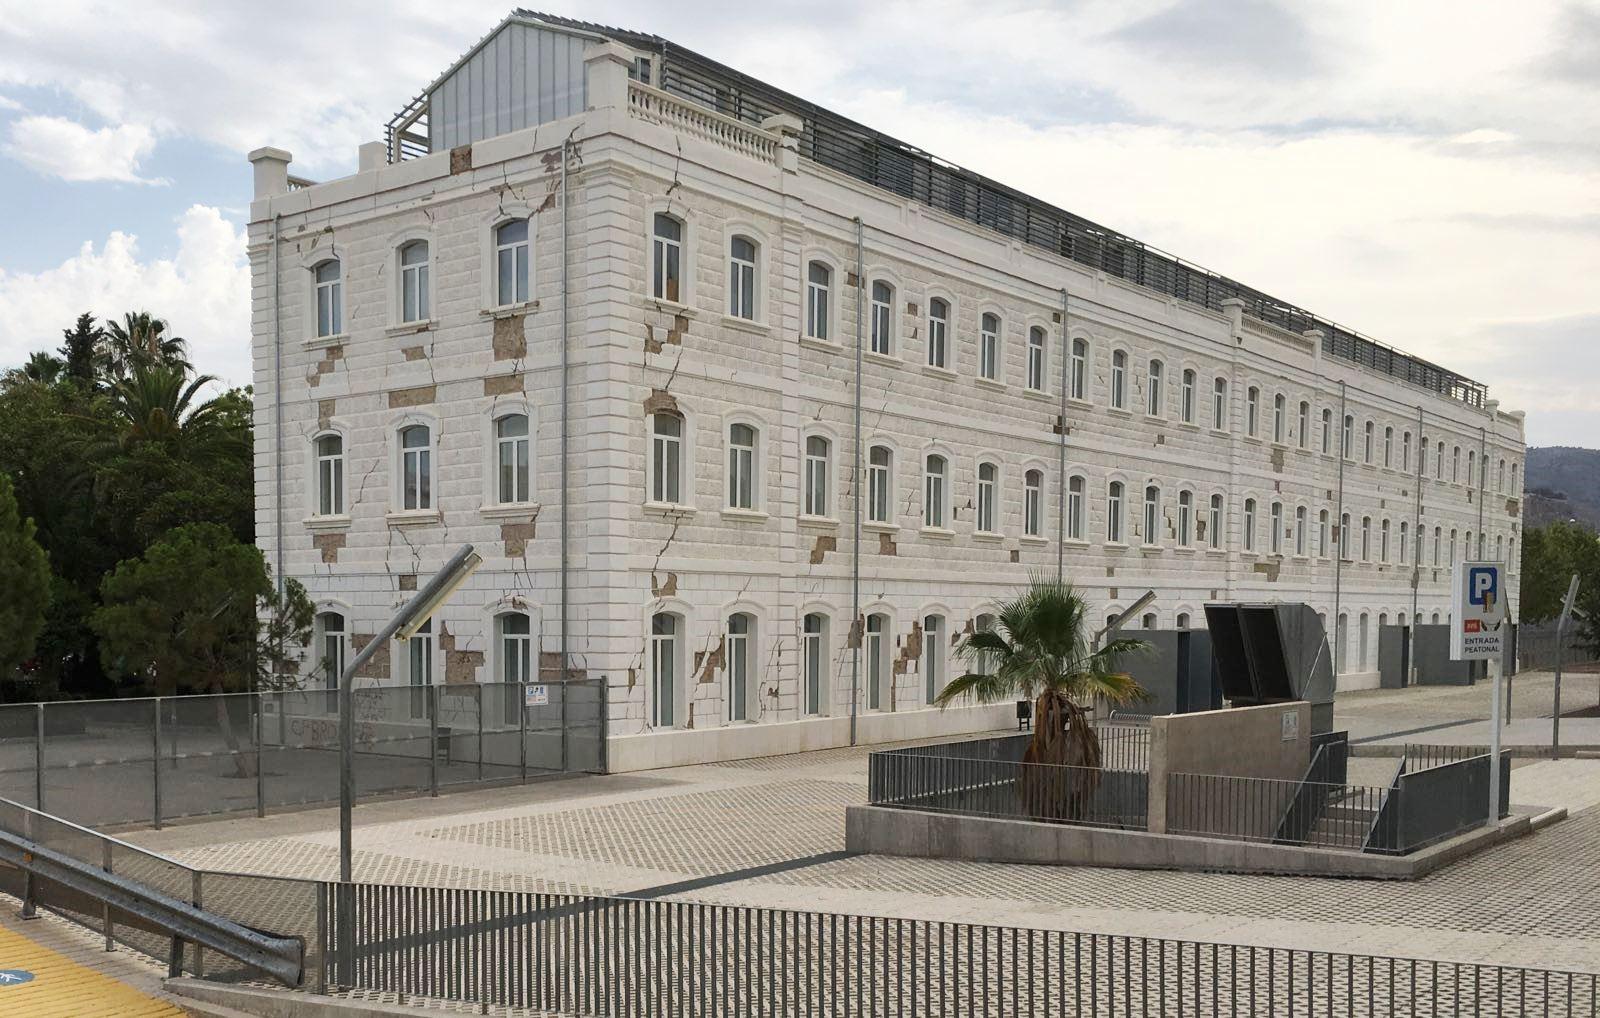 El PSOE vuelve a exigir el arreglo de la fachada del Campus Universitario de Lorca aún dañada por los terremotos de 2011